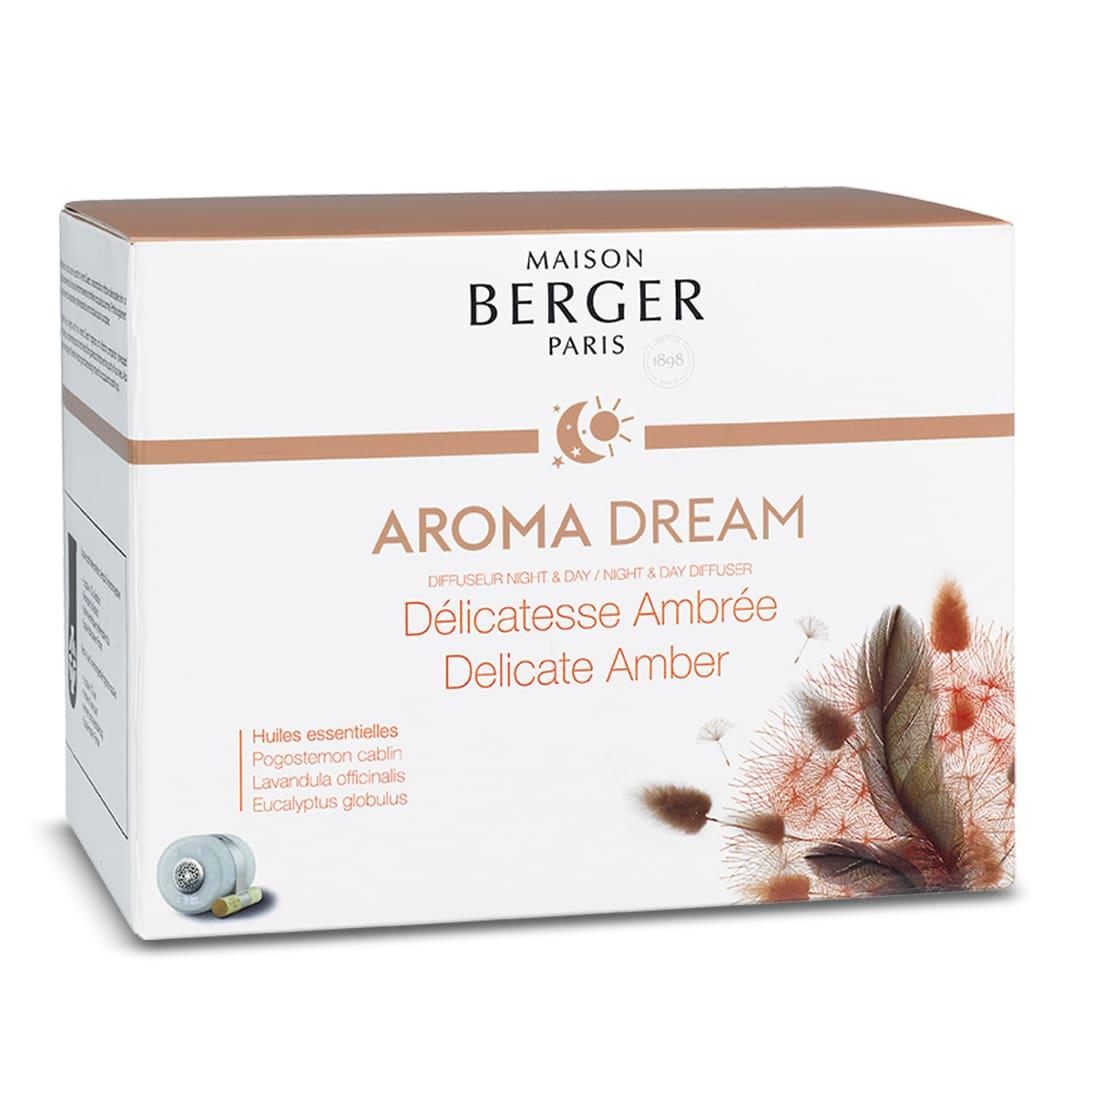 Photo #3 de Coffret Diffuseur Night & Day Maison Berger Aroma Dream